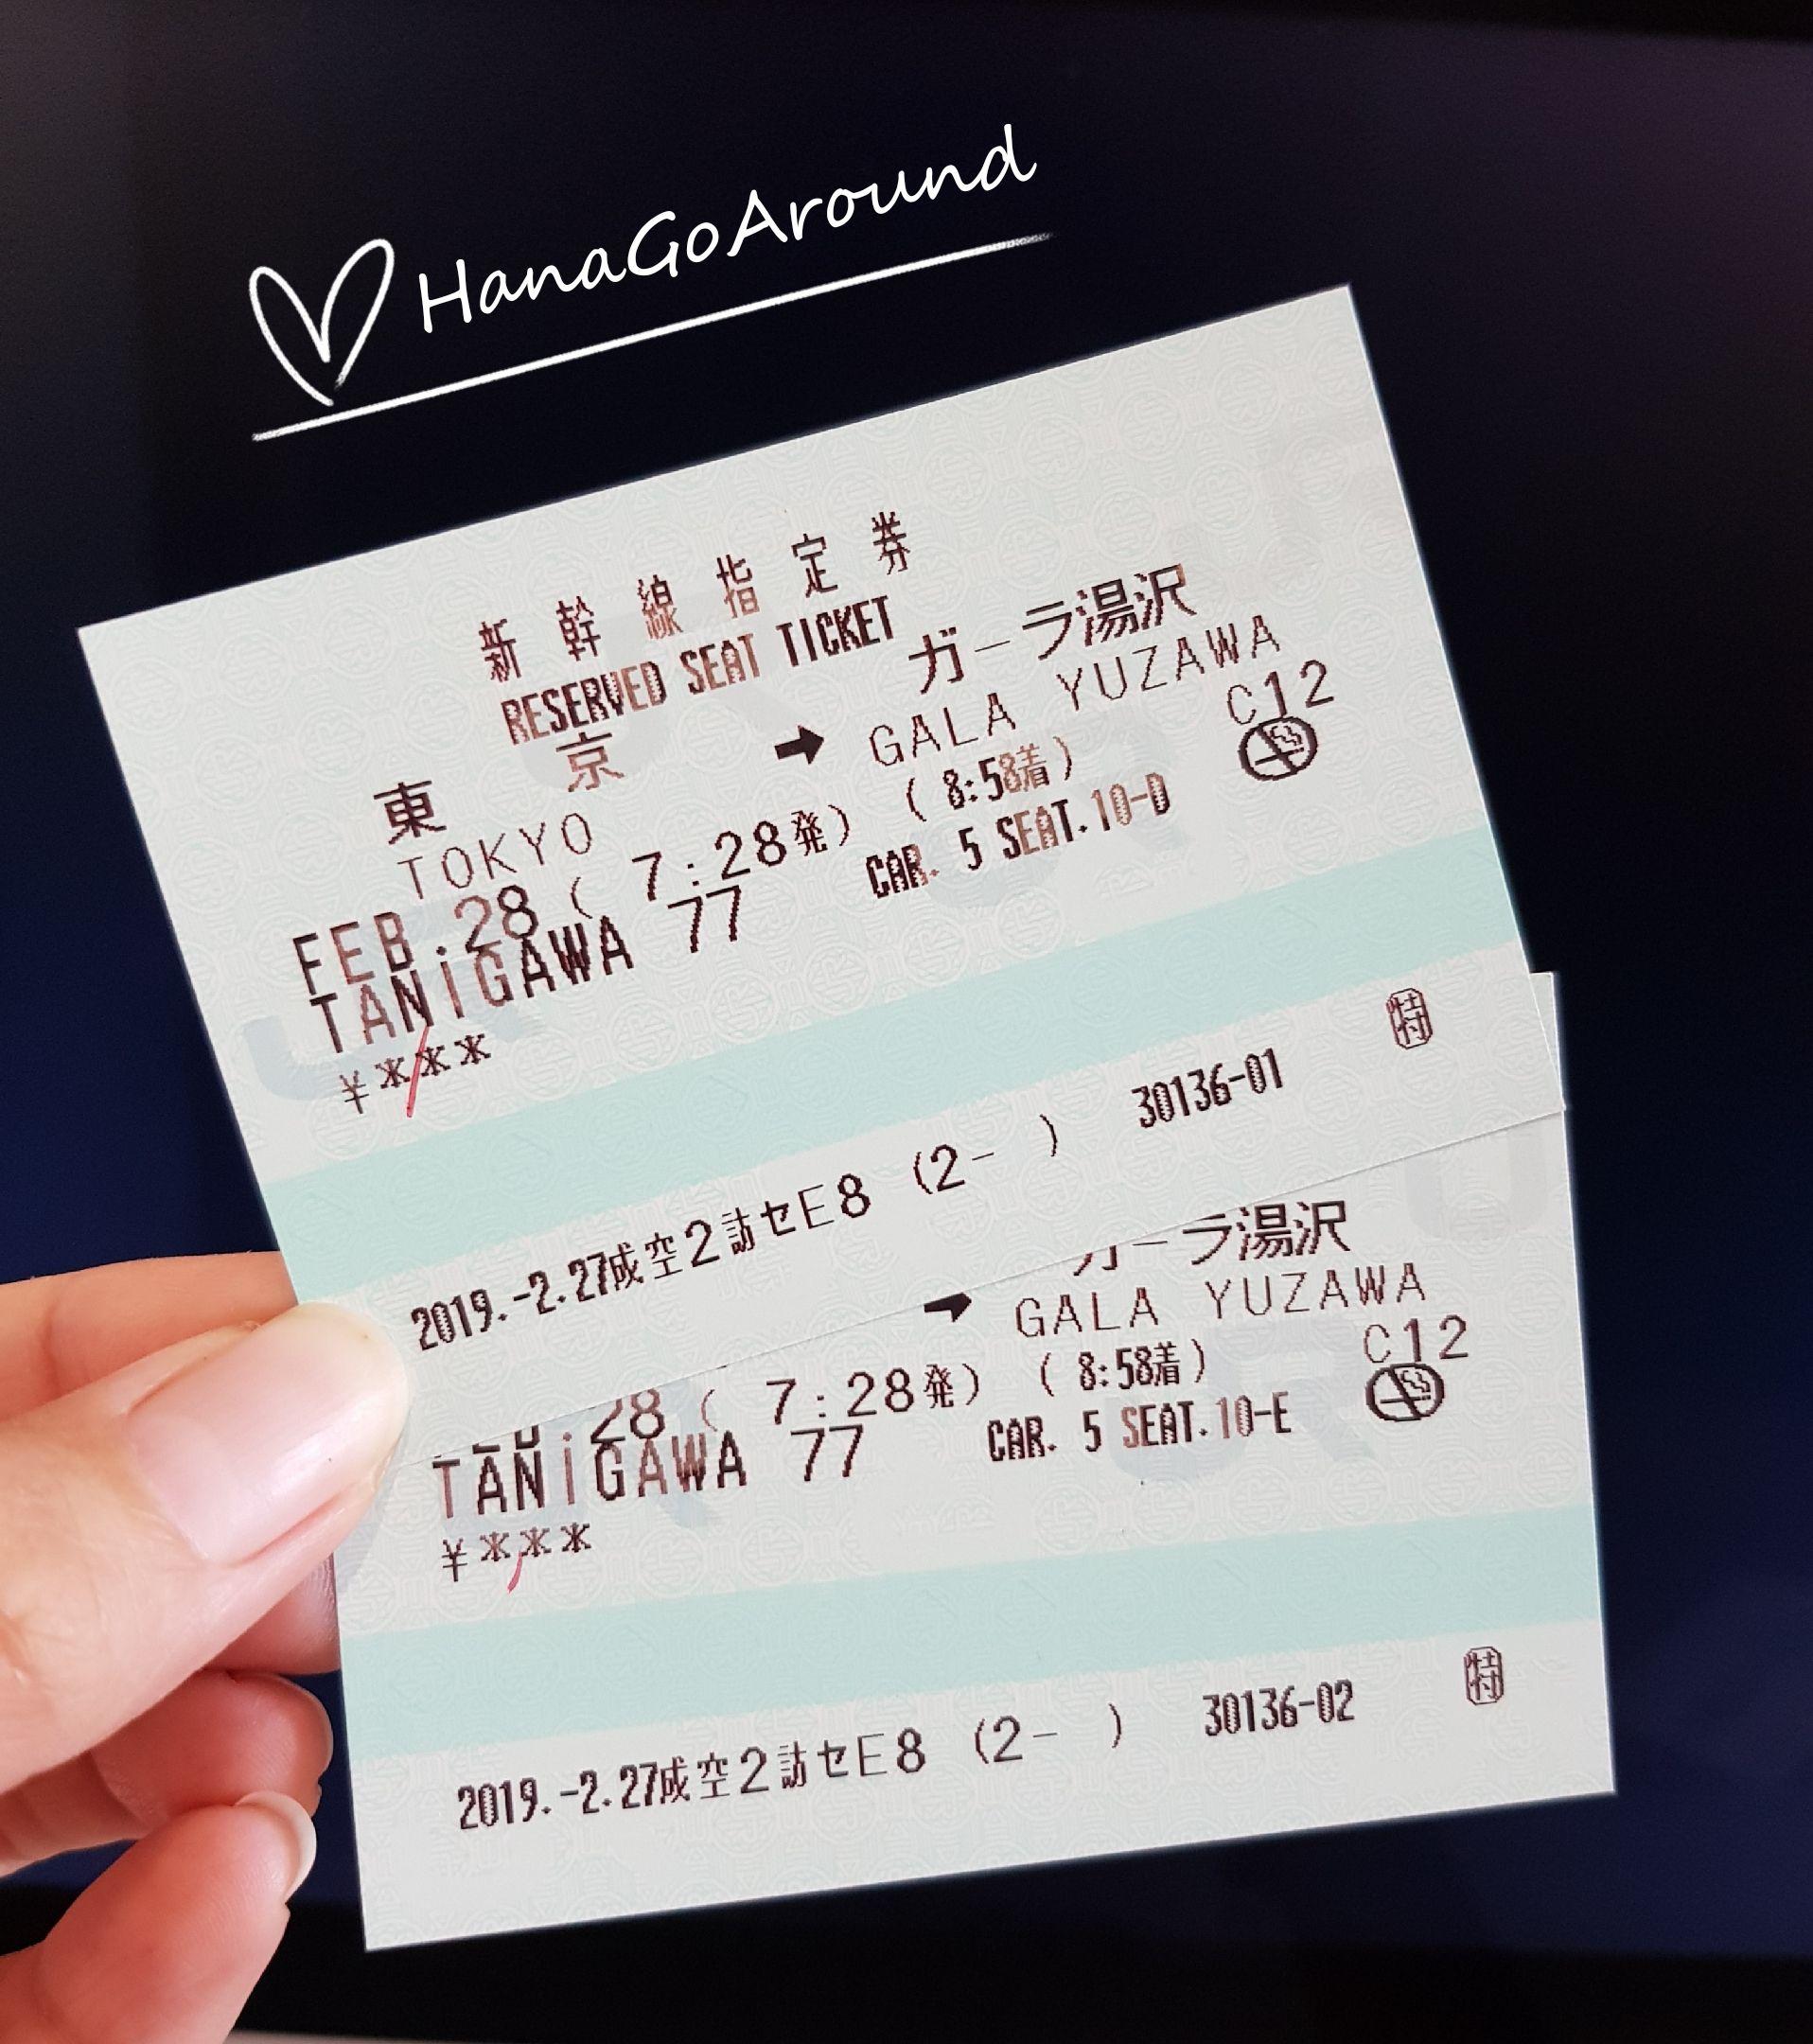 รีวิว JR TOKYO Wide Pass 3 วันสุดคุ้ม